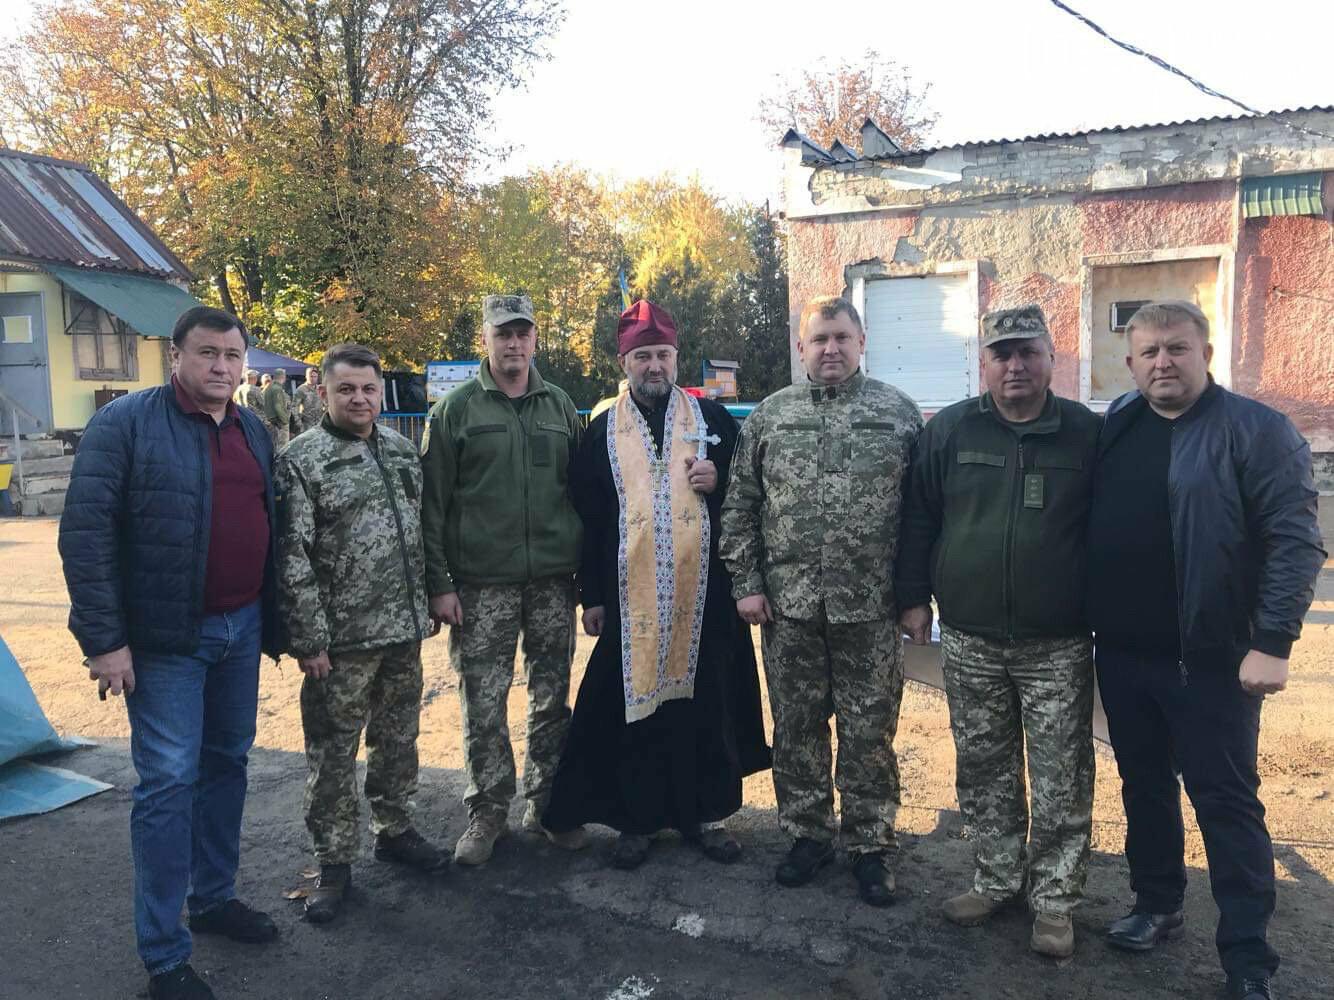 Делегація з Тернопільщини відвідала військовослужбовців 44 окремої артилерійської бригади та батальйону спецпризначення «Тернопіль» у Попасній, фото-1